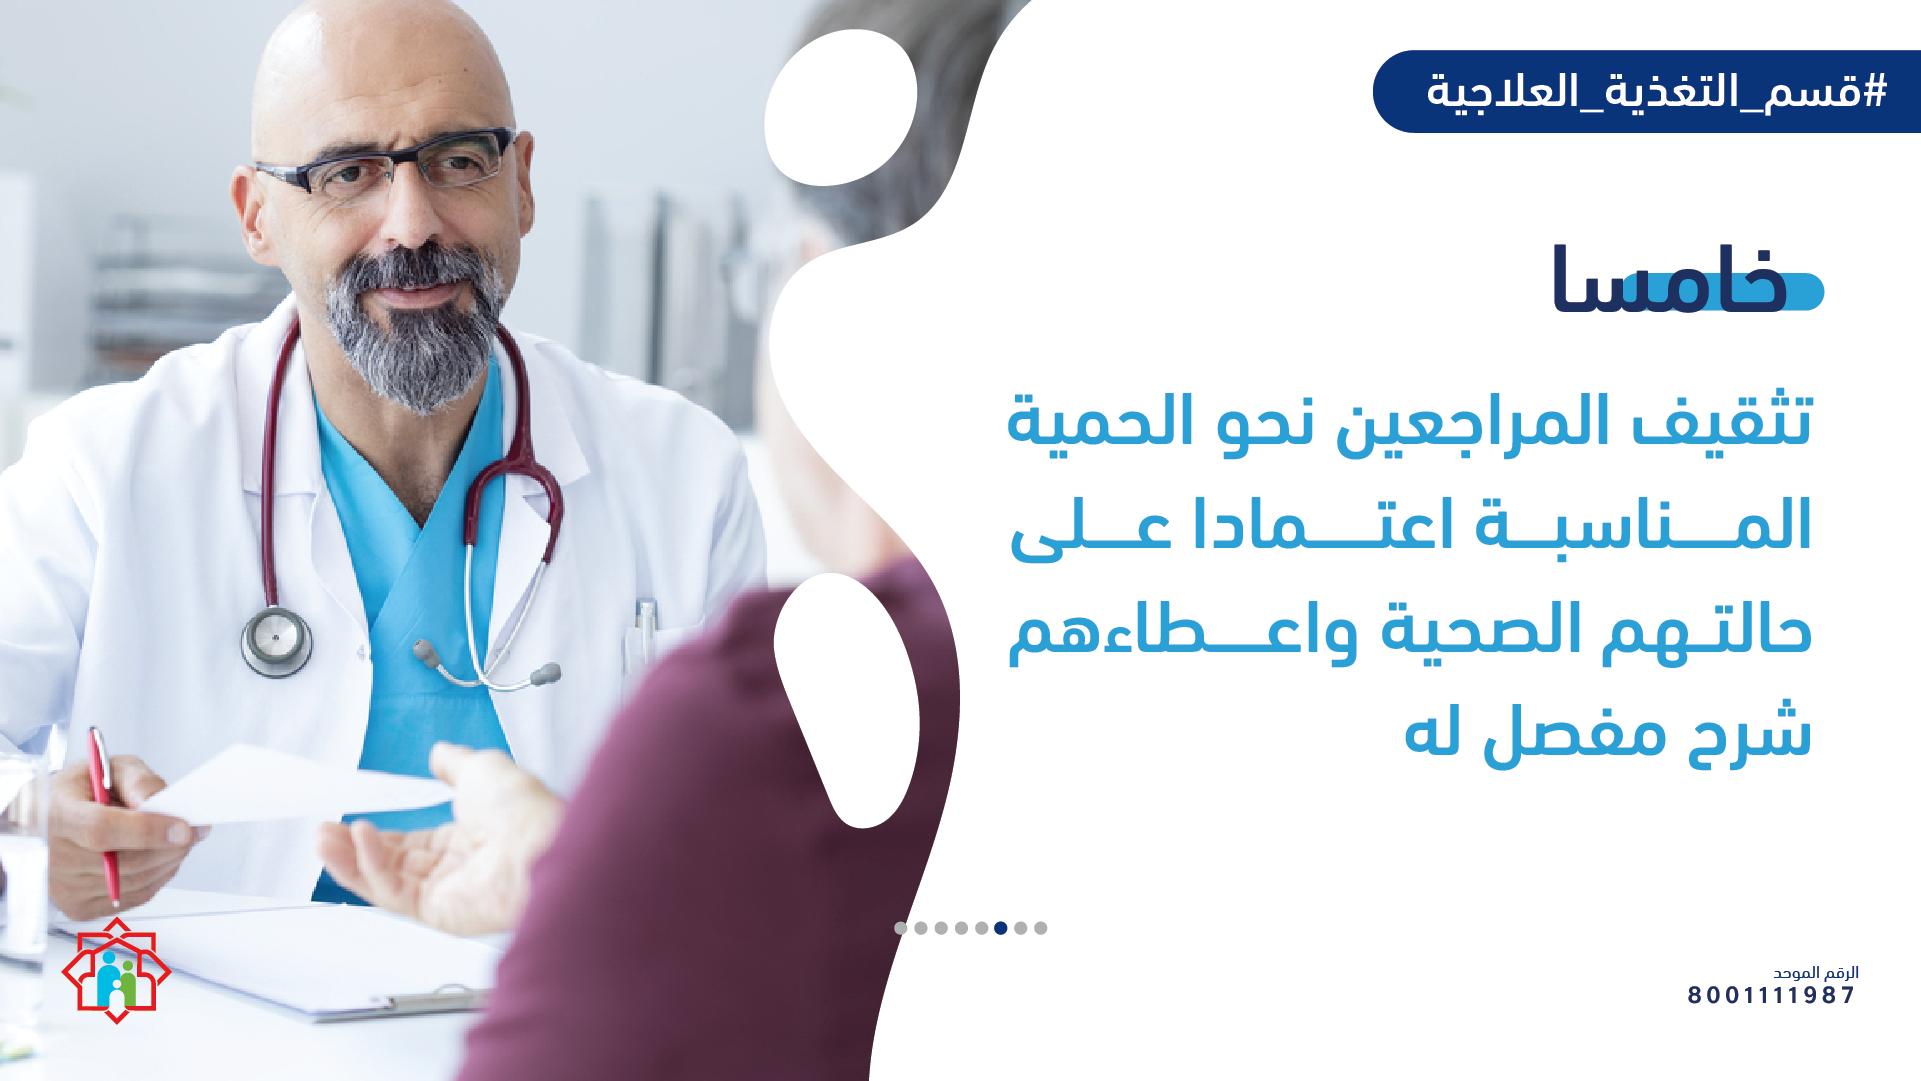 ماذا تقدم مستشفى عبد الرحمن المشاري لمراجعي قسم التغذية العلاجية